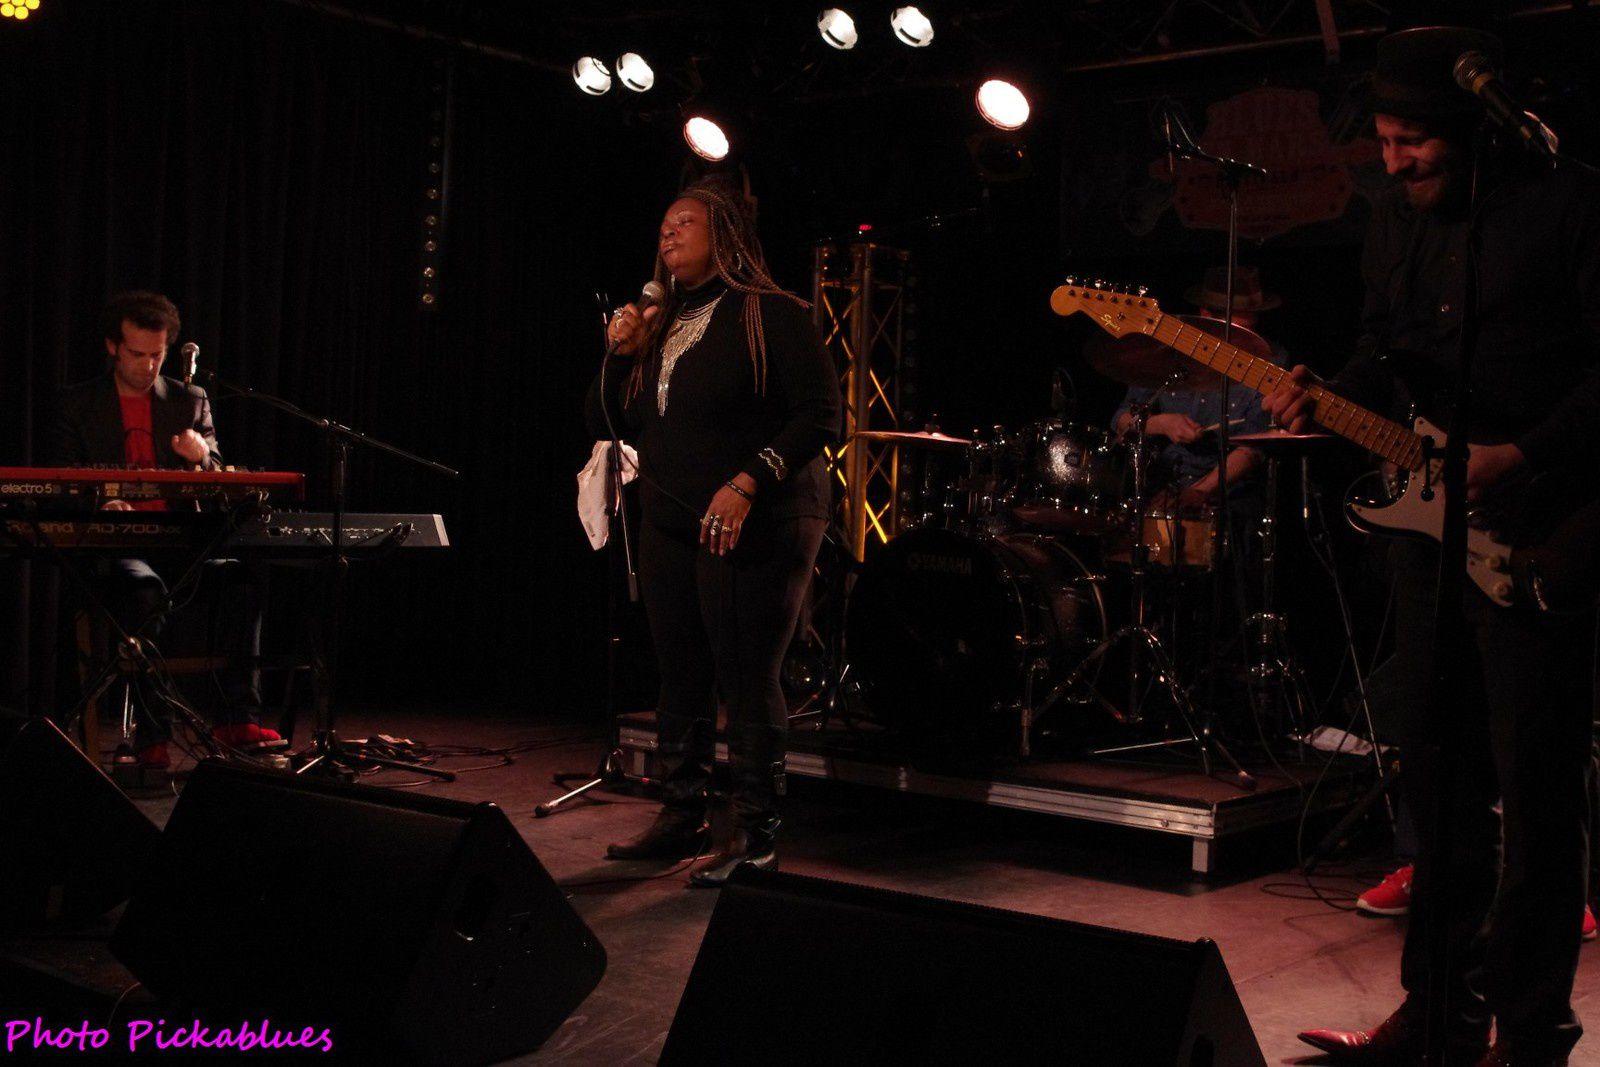 Miss Nickki & The Memphis Soul Connection - 23 mars 2017- La Boite à Musiques, Wattrelos (59)